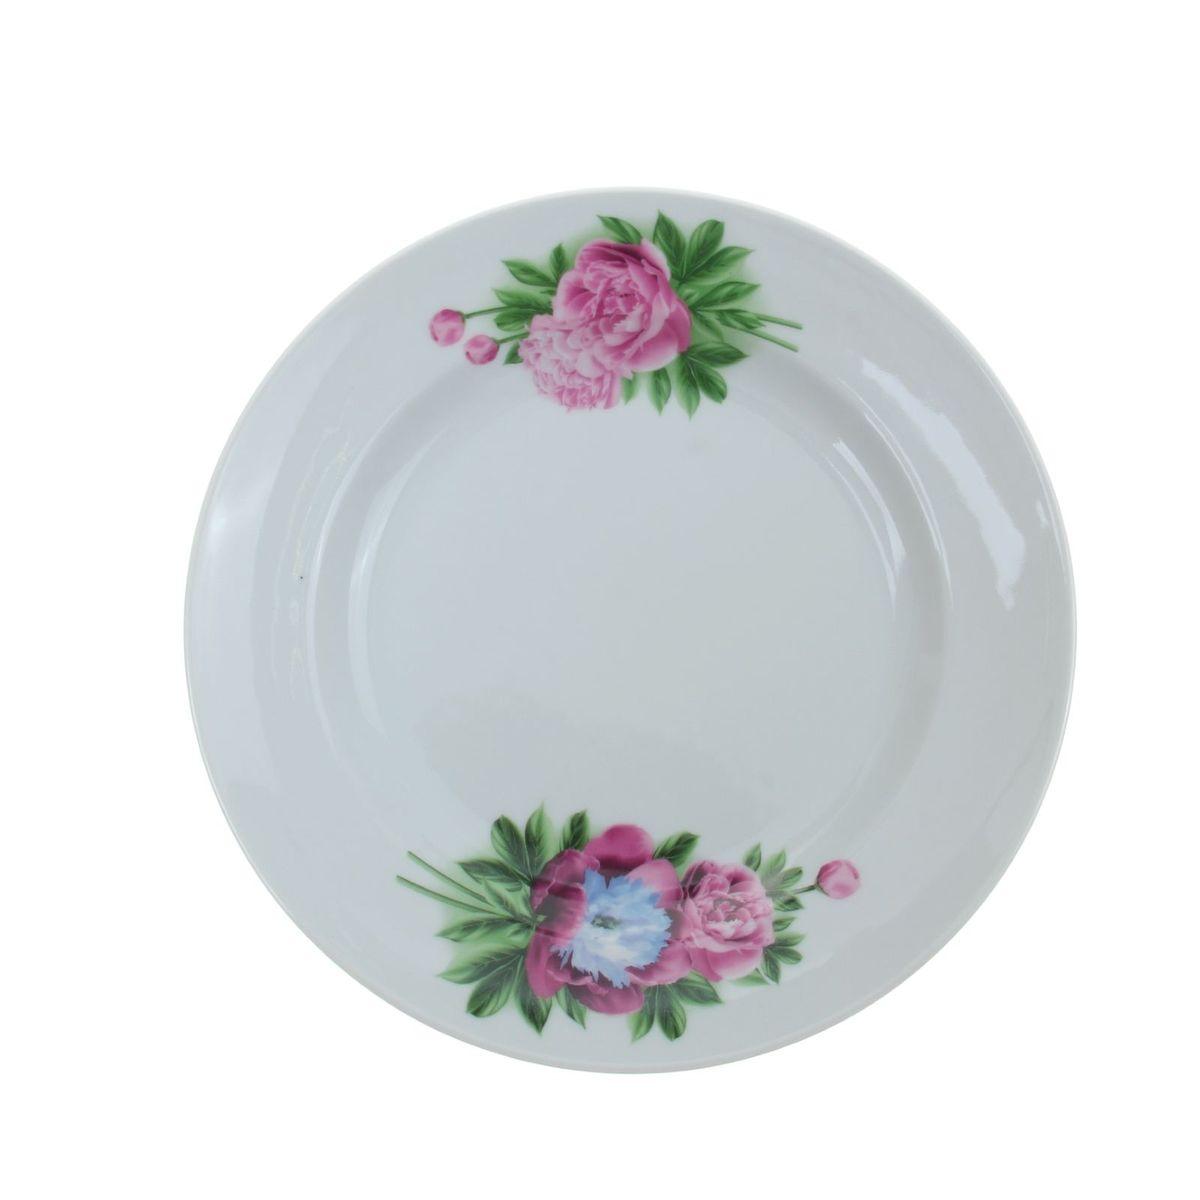 Тарелка мелкая Идиллия. Пион, диаметр 24 см1035430Мелкая тарелка Идиллия. Пион выполнена из высококачественного фарфора и украшена ярким рисунком. Она прекрасно впишется в интерьер вашей кухни и станет достойным дополнением к кухонному инвентарю. Тарелка Идиллия. Пион подчеркнет прекрасный вкус хозяйки и станет отличным подарком. Диаметр тарелки: 24 см.